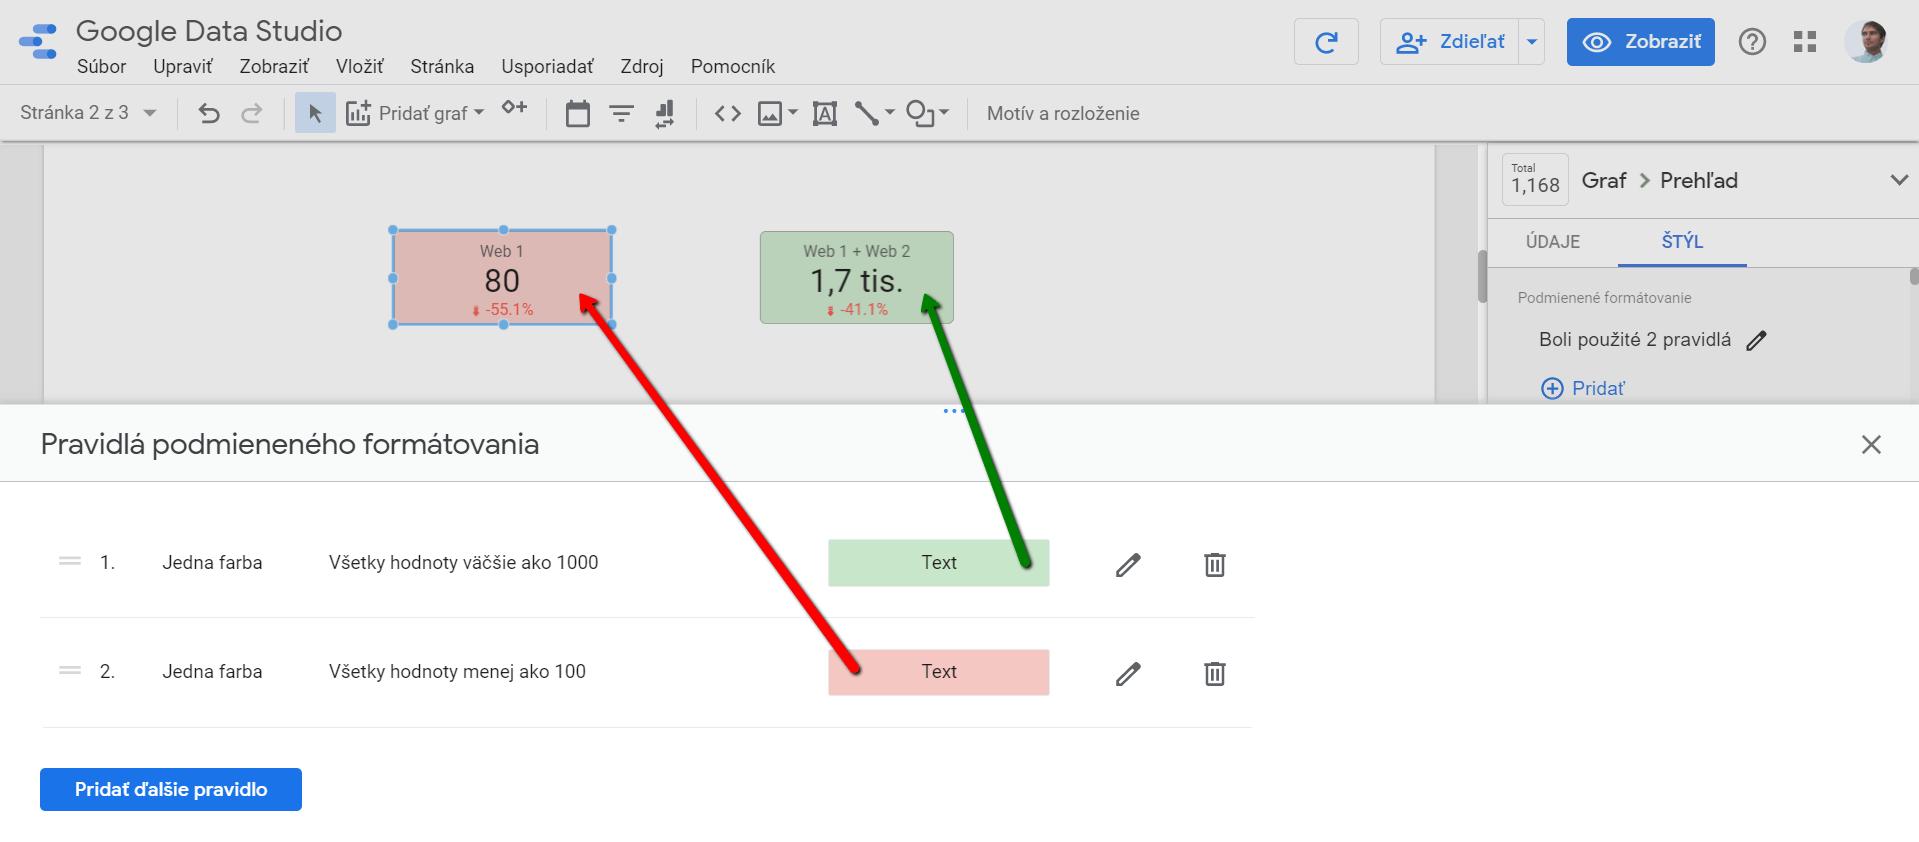 Podmienené formátovanie Google Data Studio, Prehľady